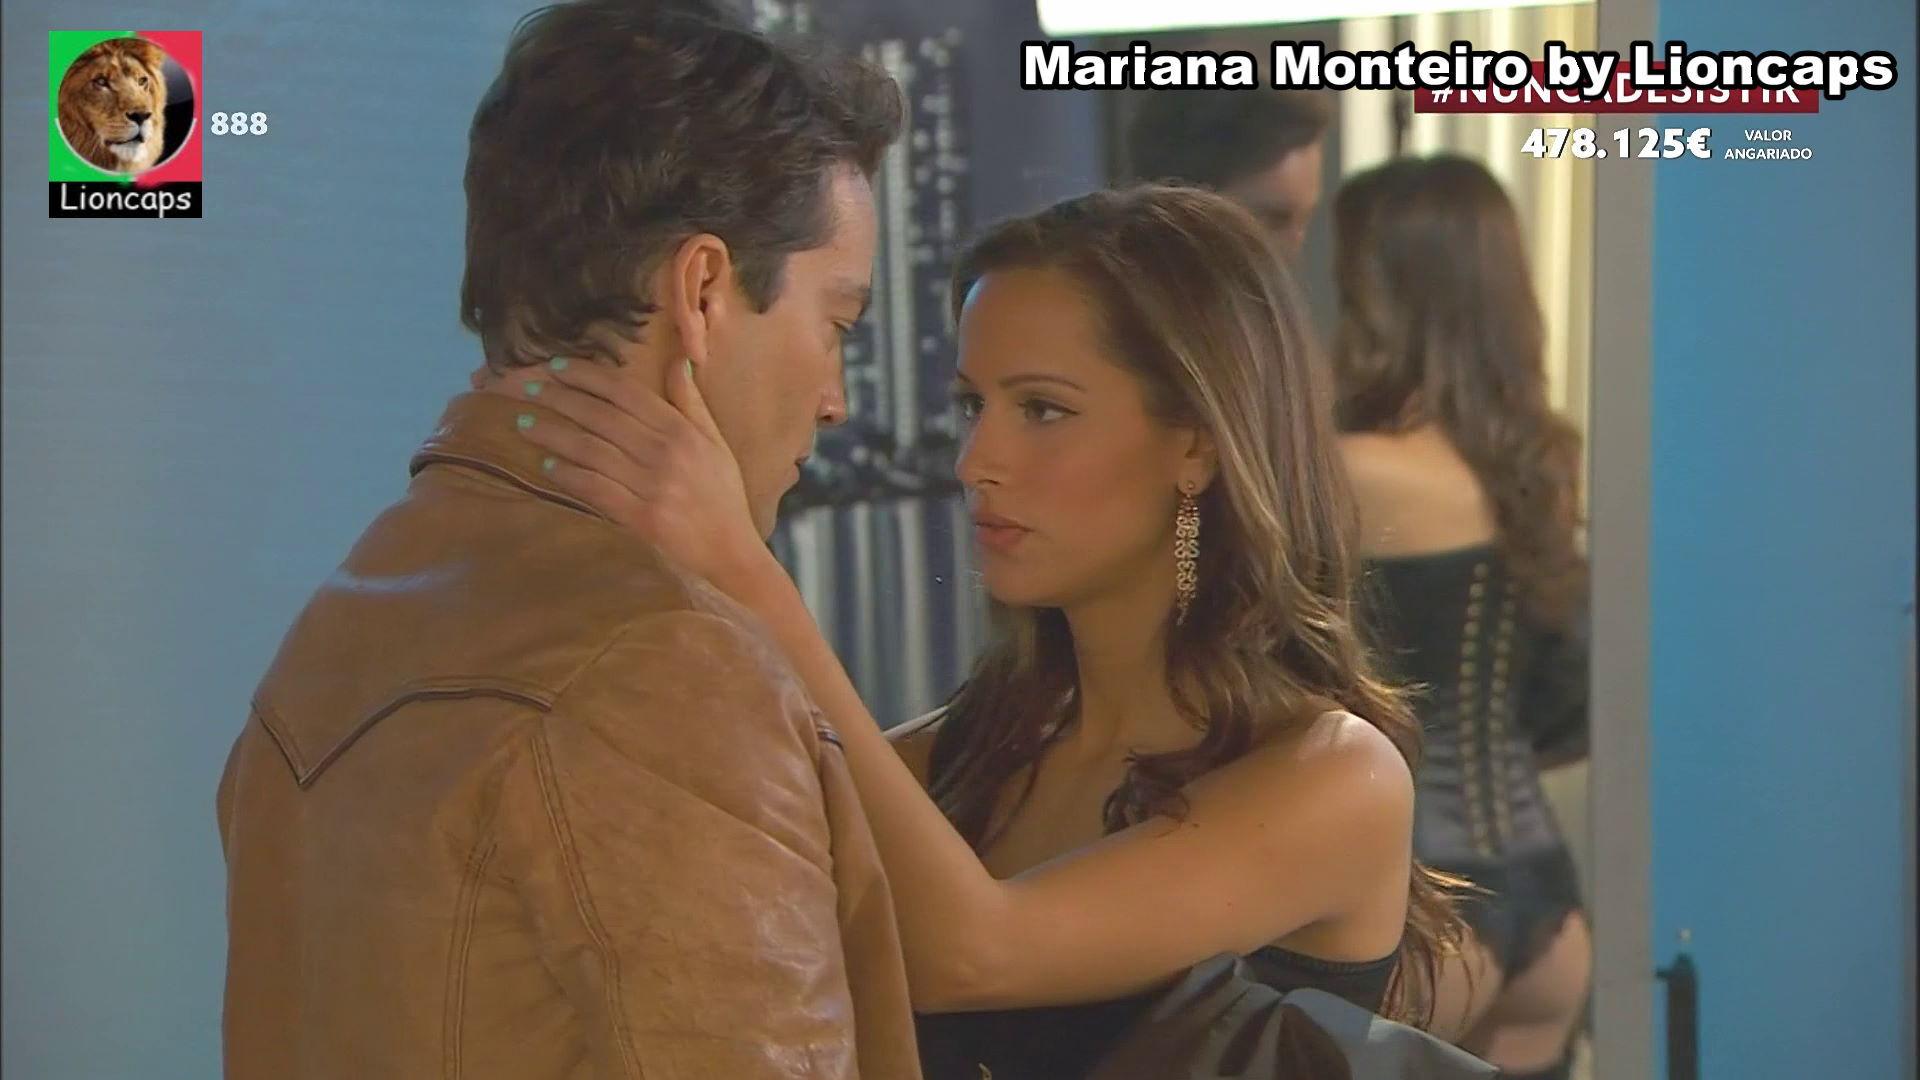 mariana_monteiro_vs200503-055 (13).JPG